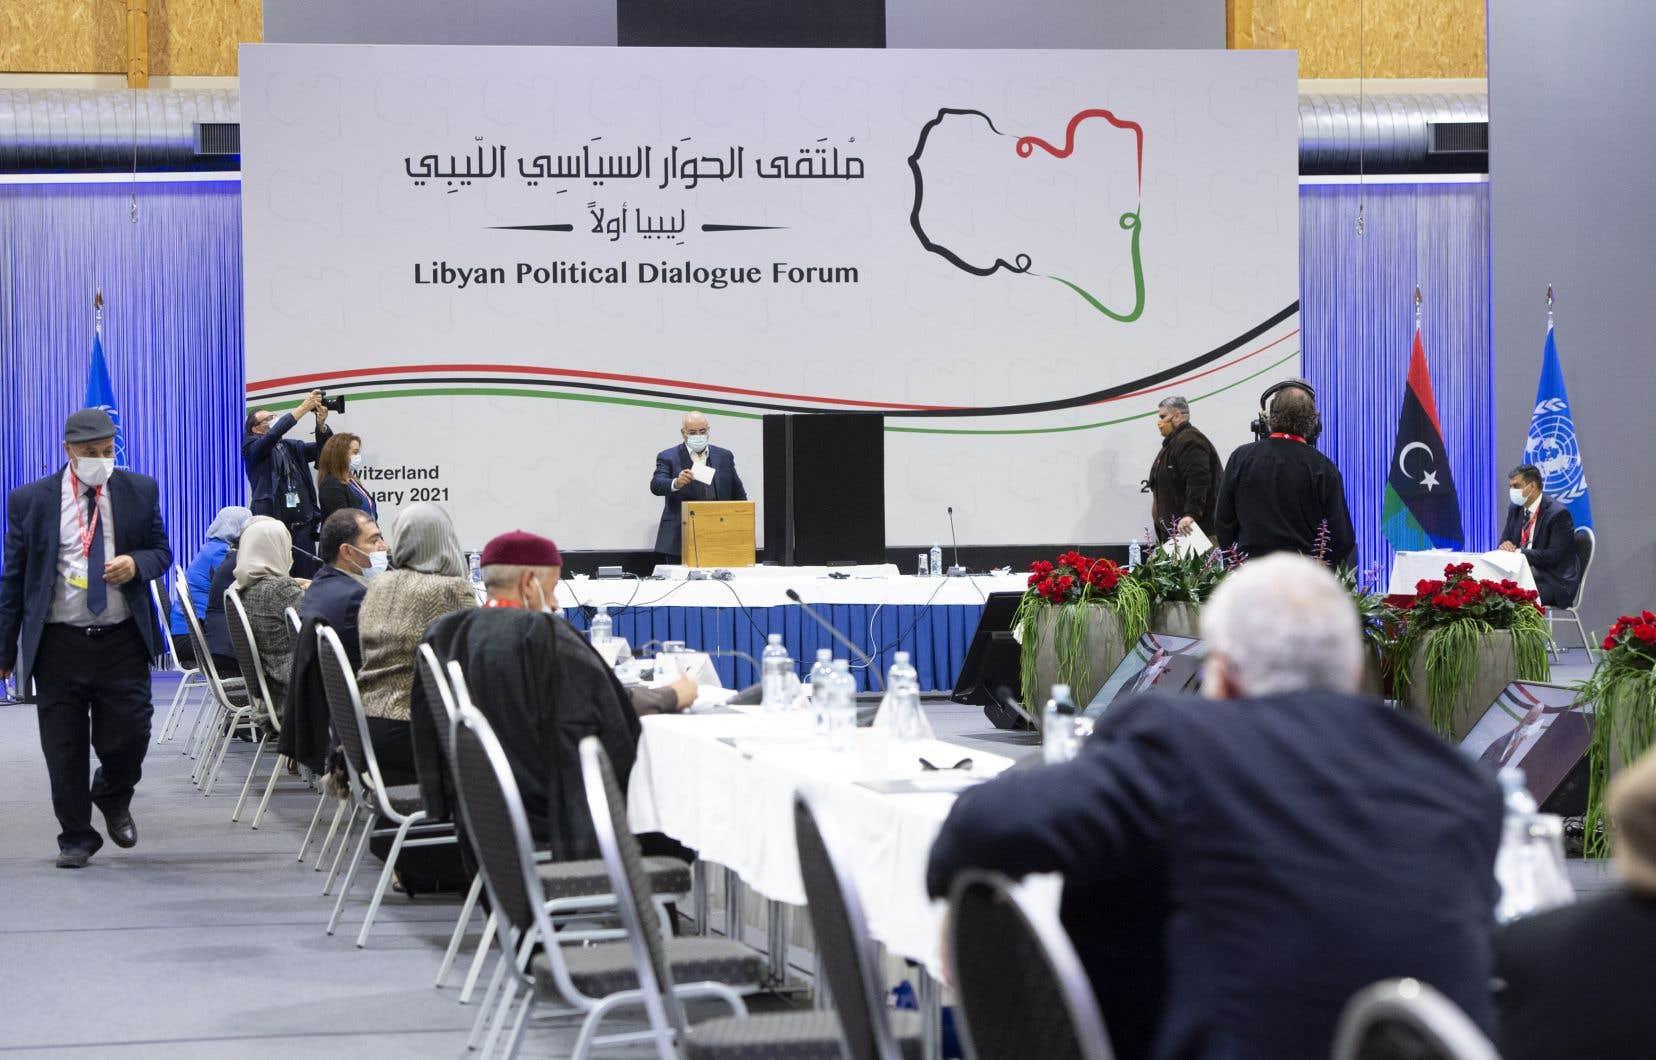 L'ingénieur Abdel Hamid Dbeibah, 61ans, a été désigné vendredi premier ministre par intérim par les 75 participants au Forum de dialogue politique.